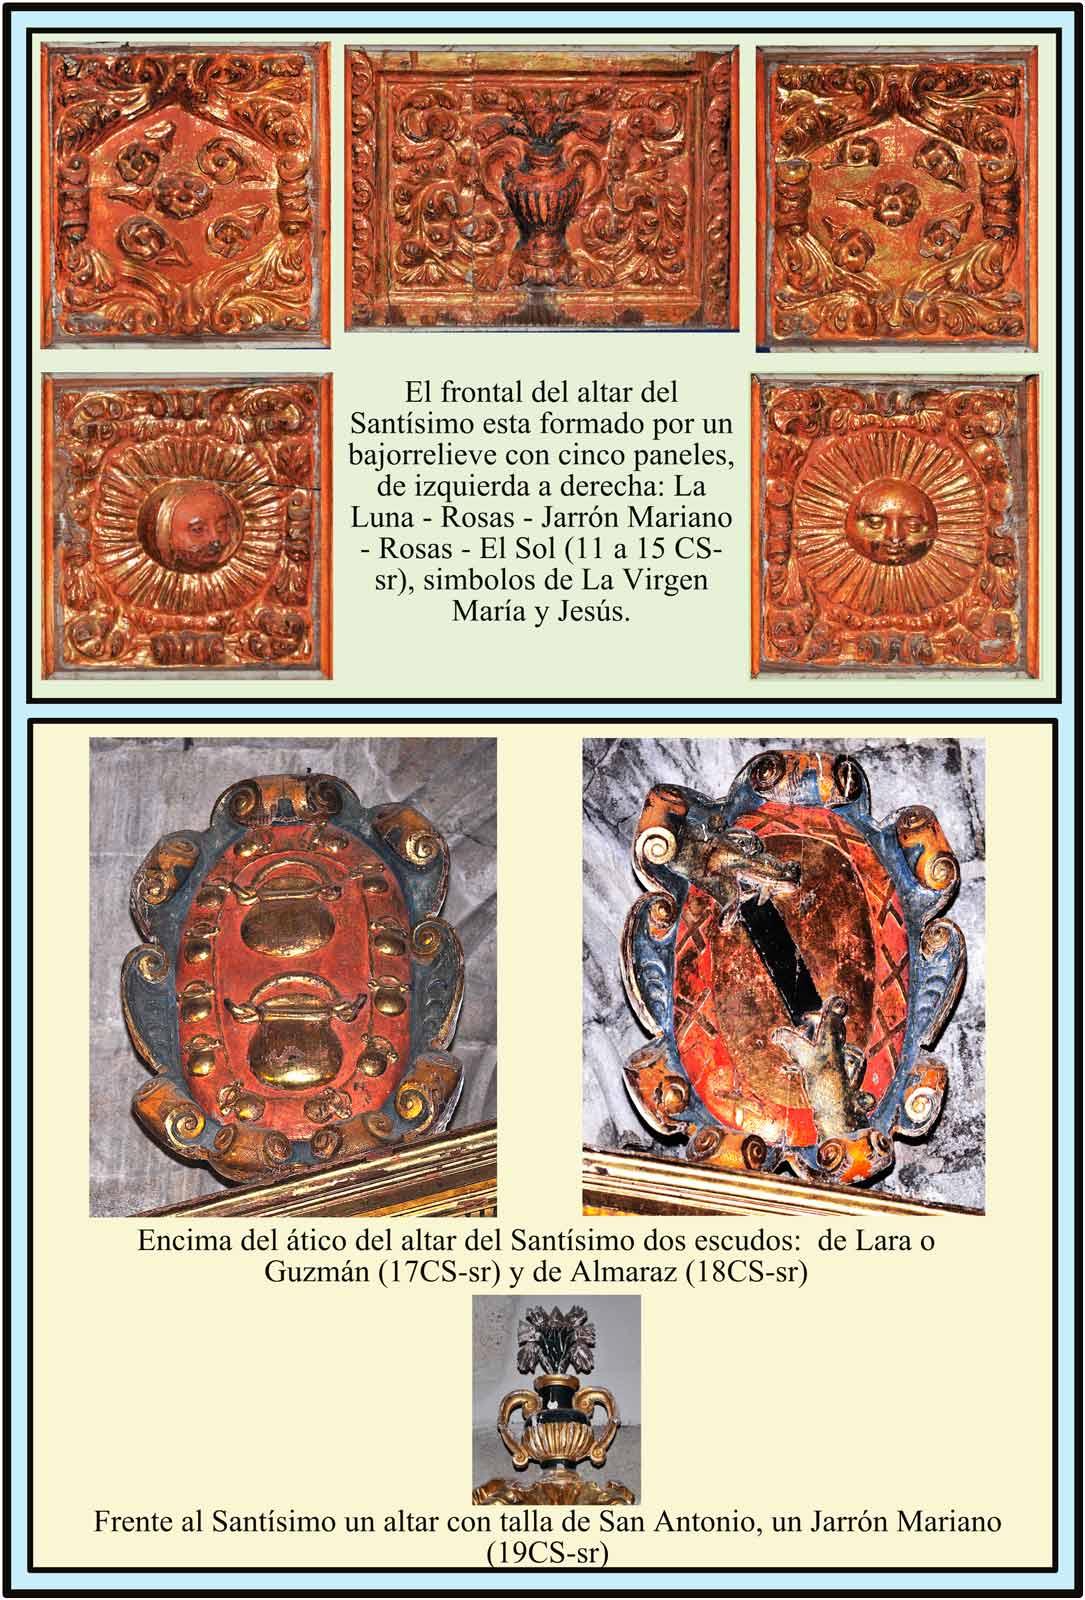 Escudos Lara o Almaraz y Guzman en la capilla del Santisimo